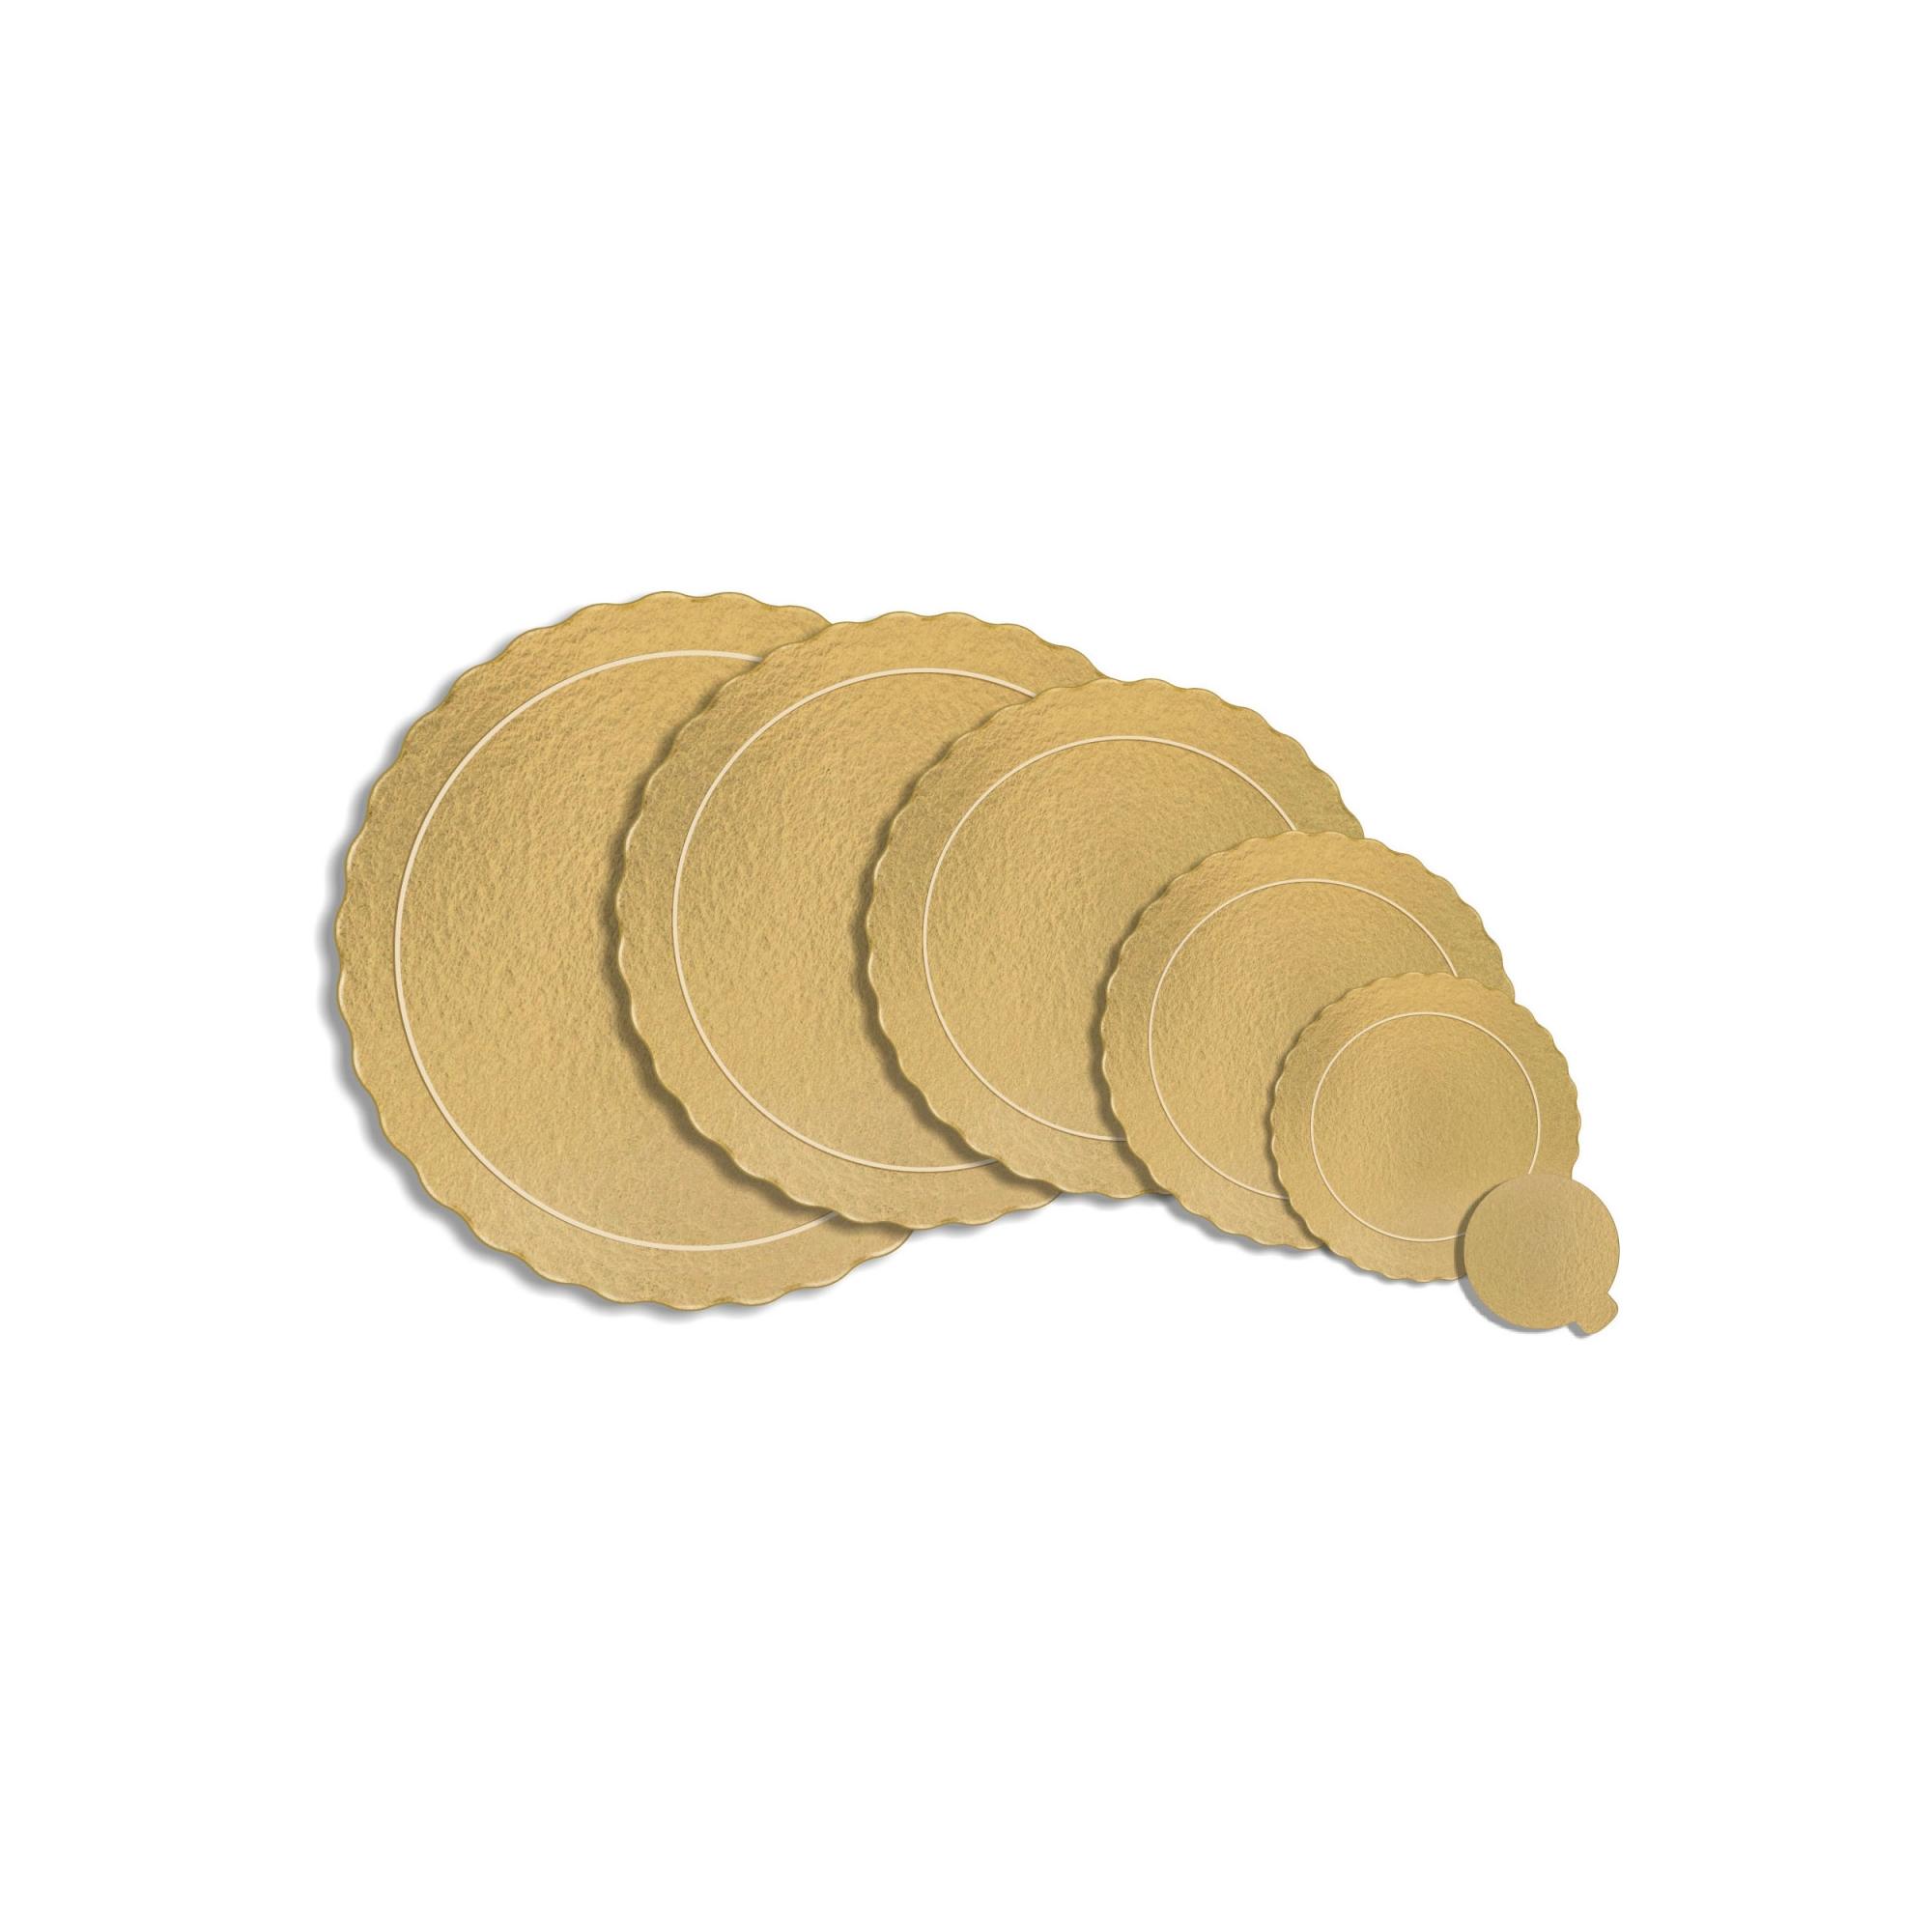 Kit 100 Bases Laminadas Para Bolo, Cake Board, 15, 20 e 25cm - Ouro